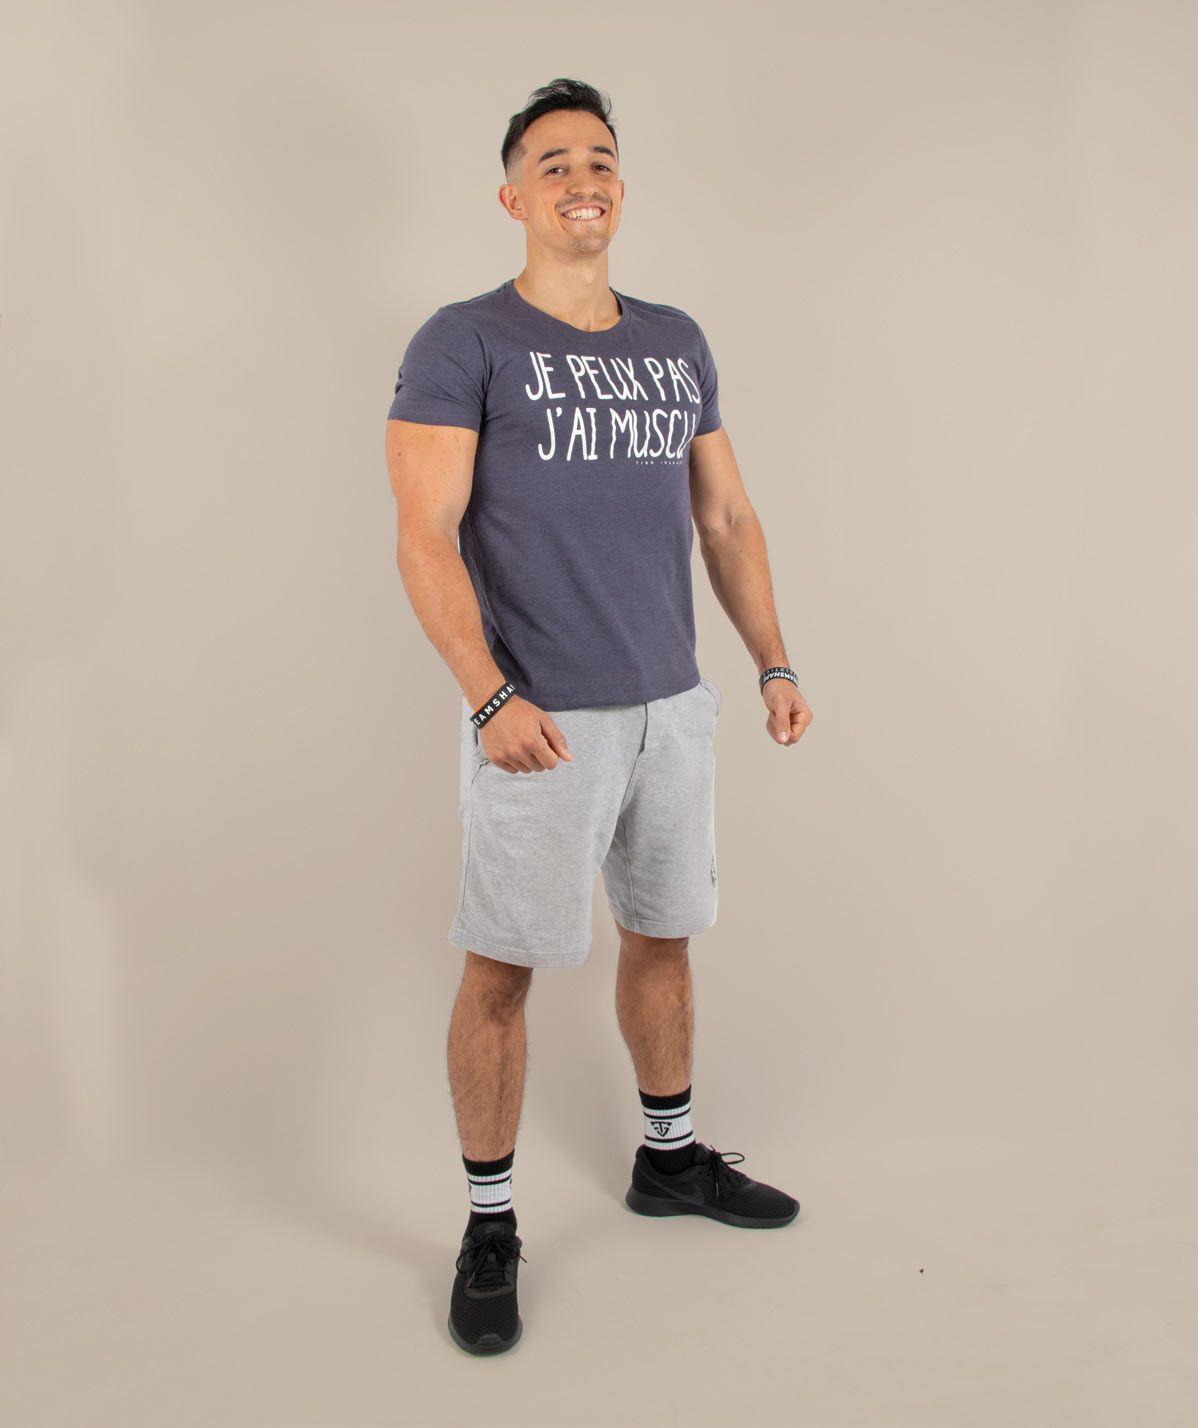 T-Shirt gris je peux pas j'ai muscu